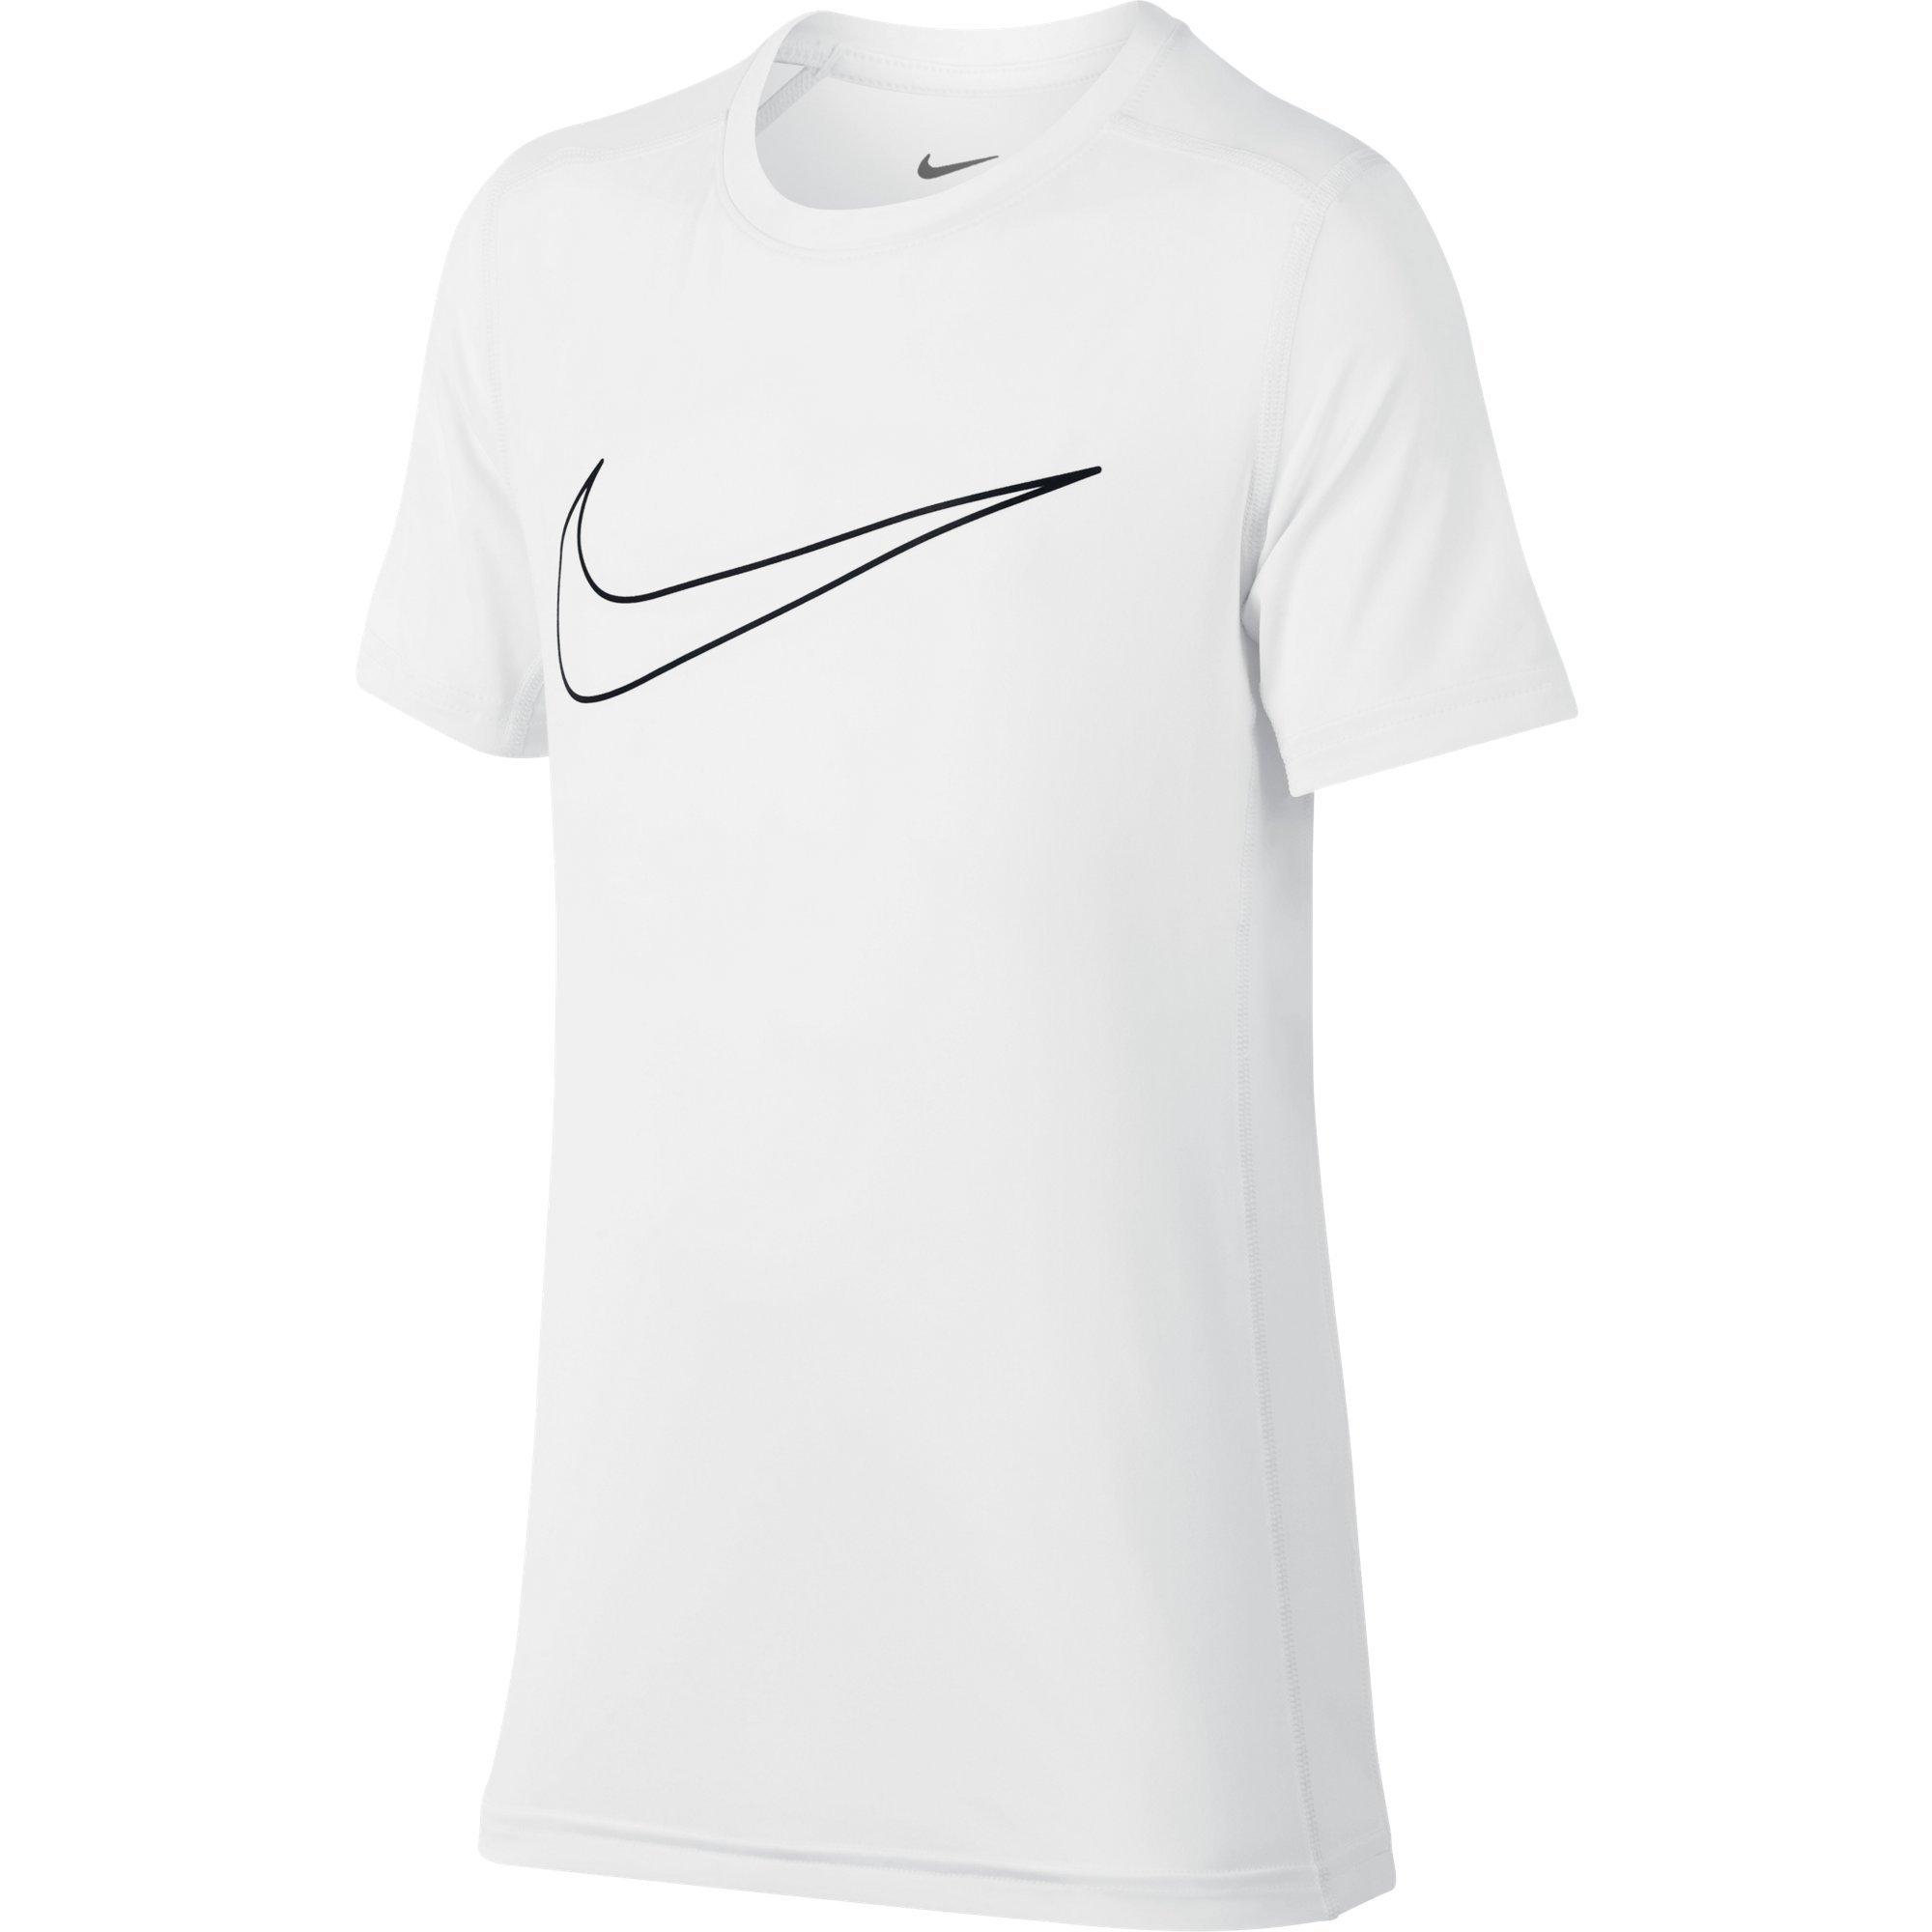 NIKE Boys' Short-Sleeve Training Shirt, White, X-Large